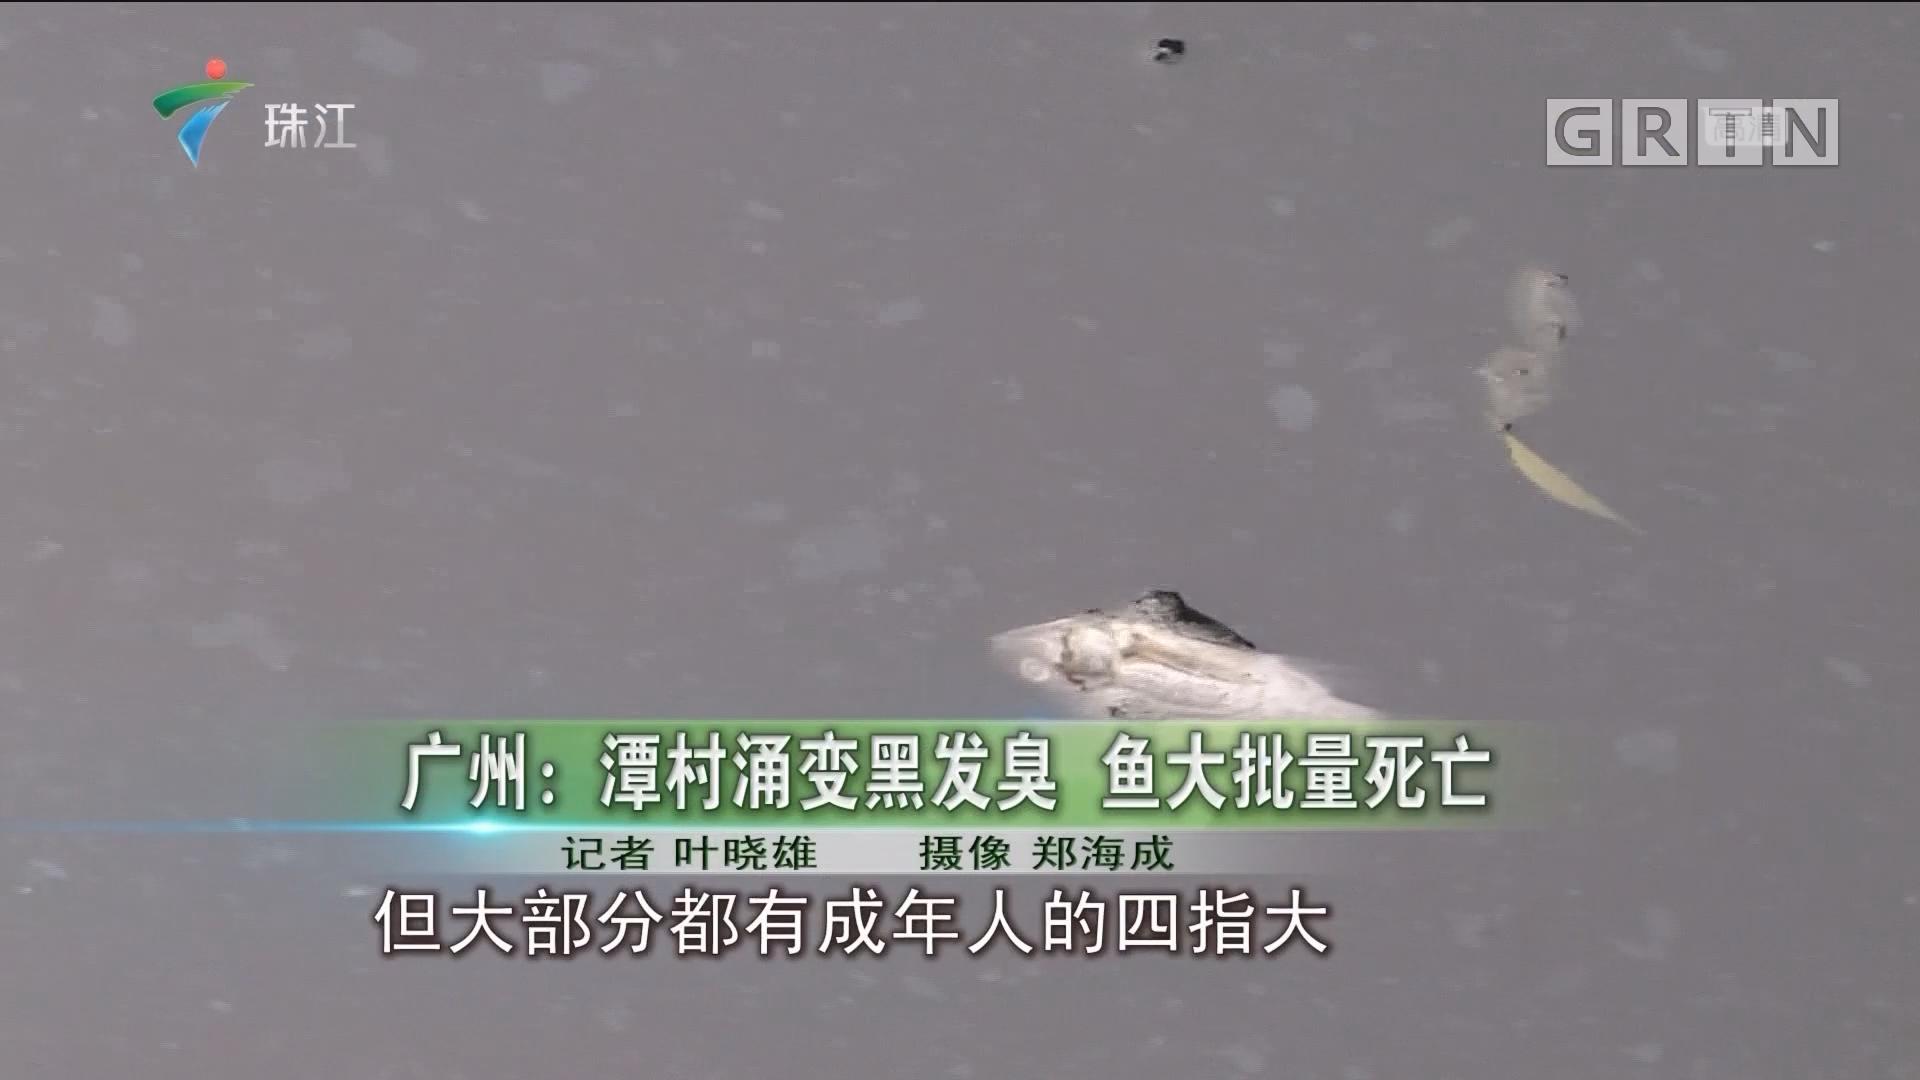 广州:潭村涌变黑发臭 鱼大批量死亡